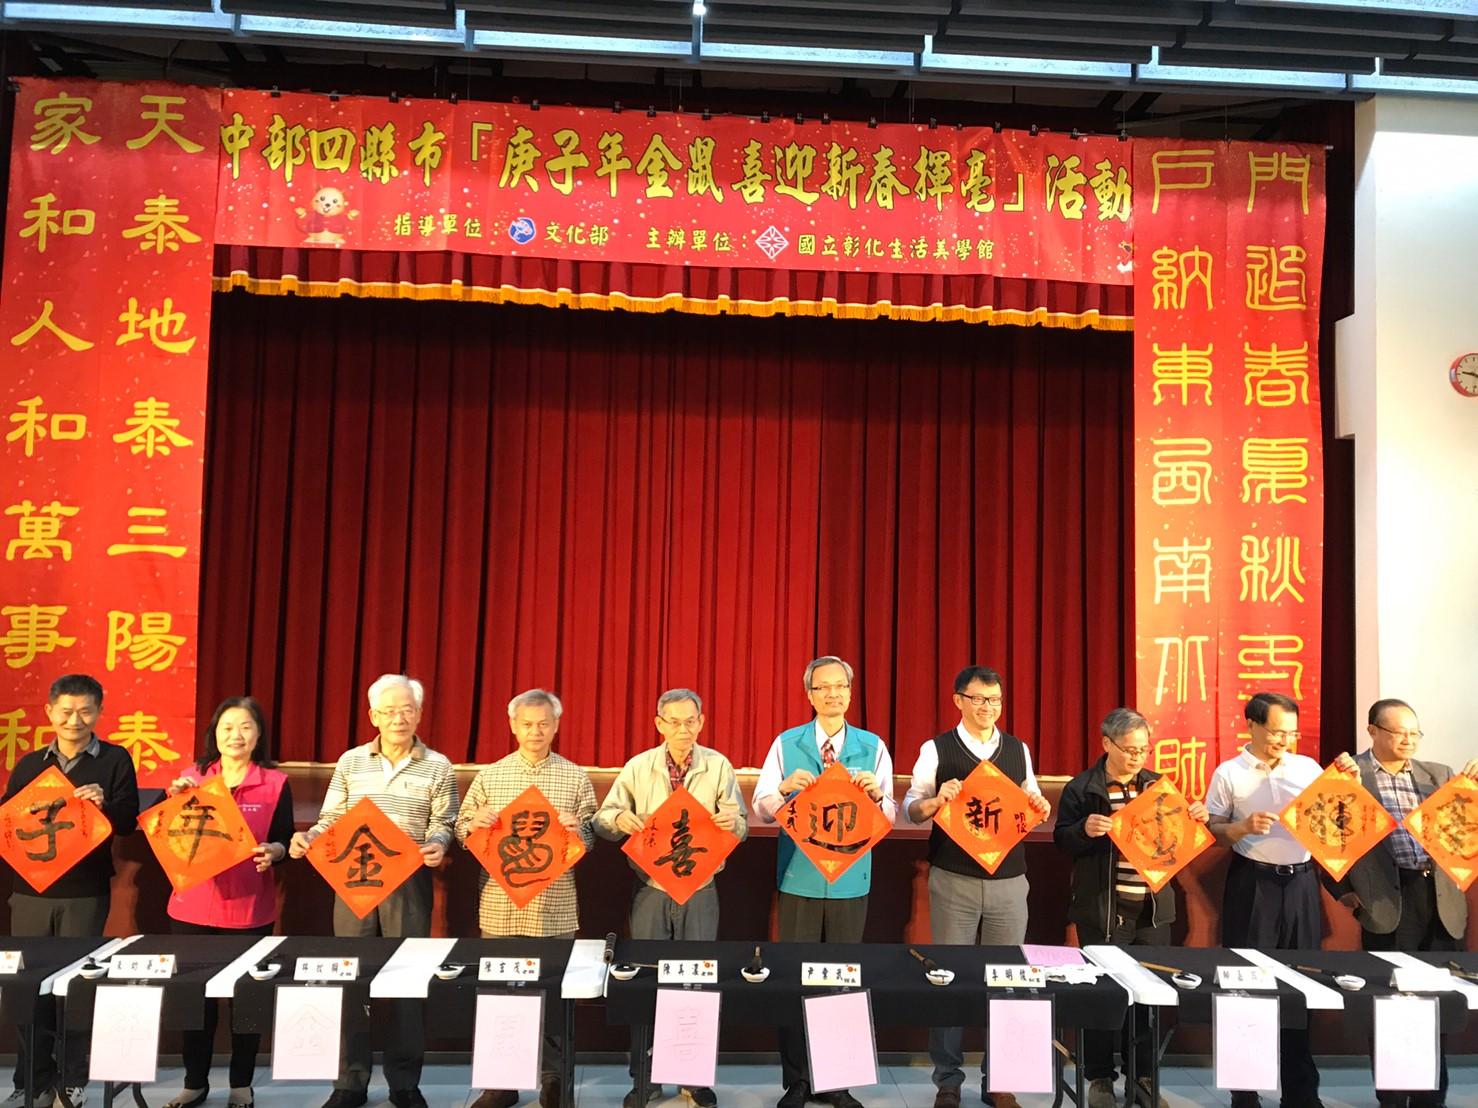 開筆儀式由美學館尹彙武館長(左6)、李明俊秘書(右4)及與會老師共同揮毫5.jpg